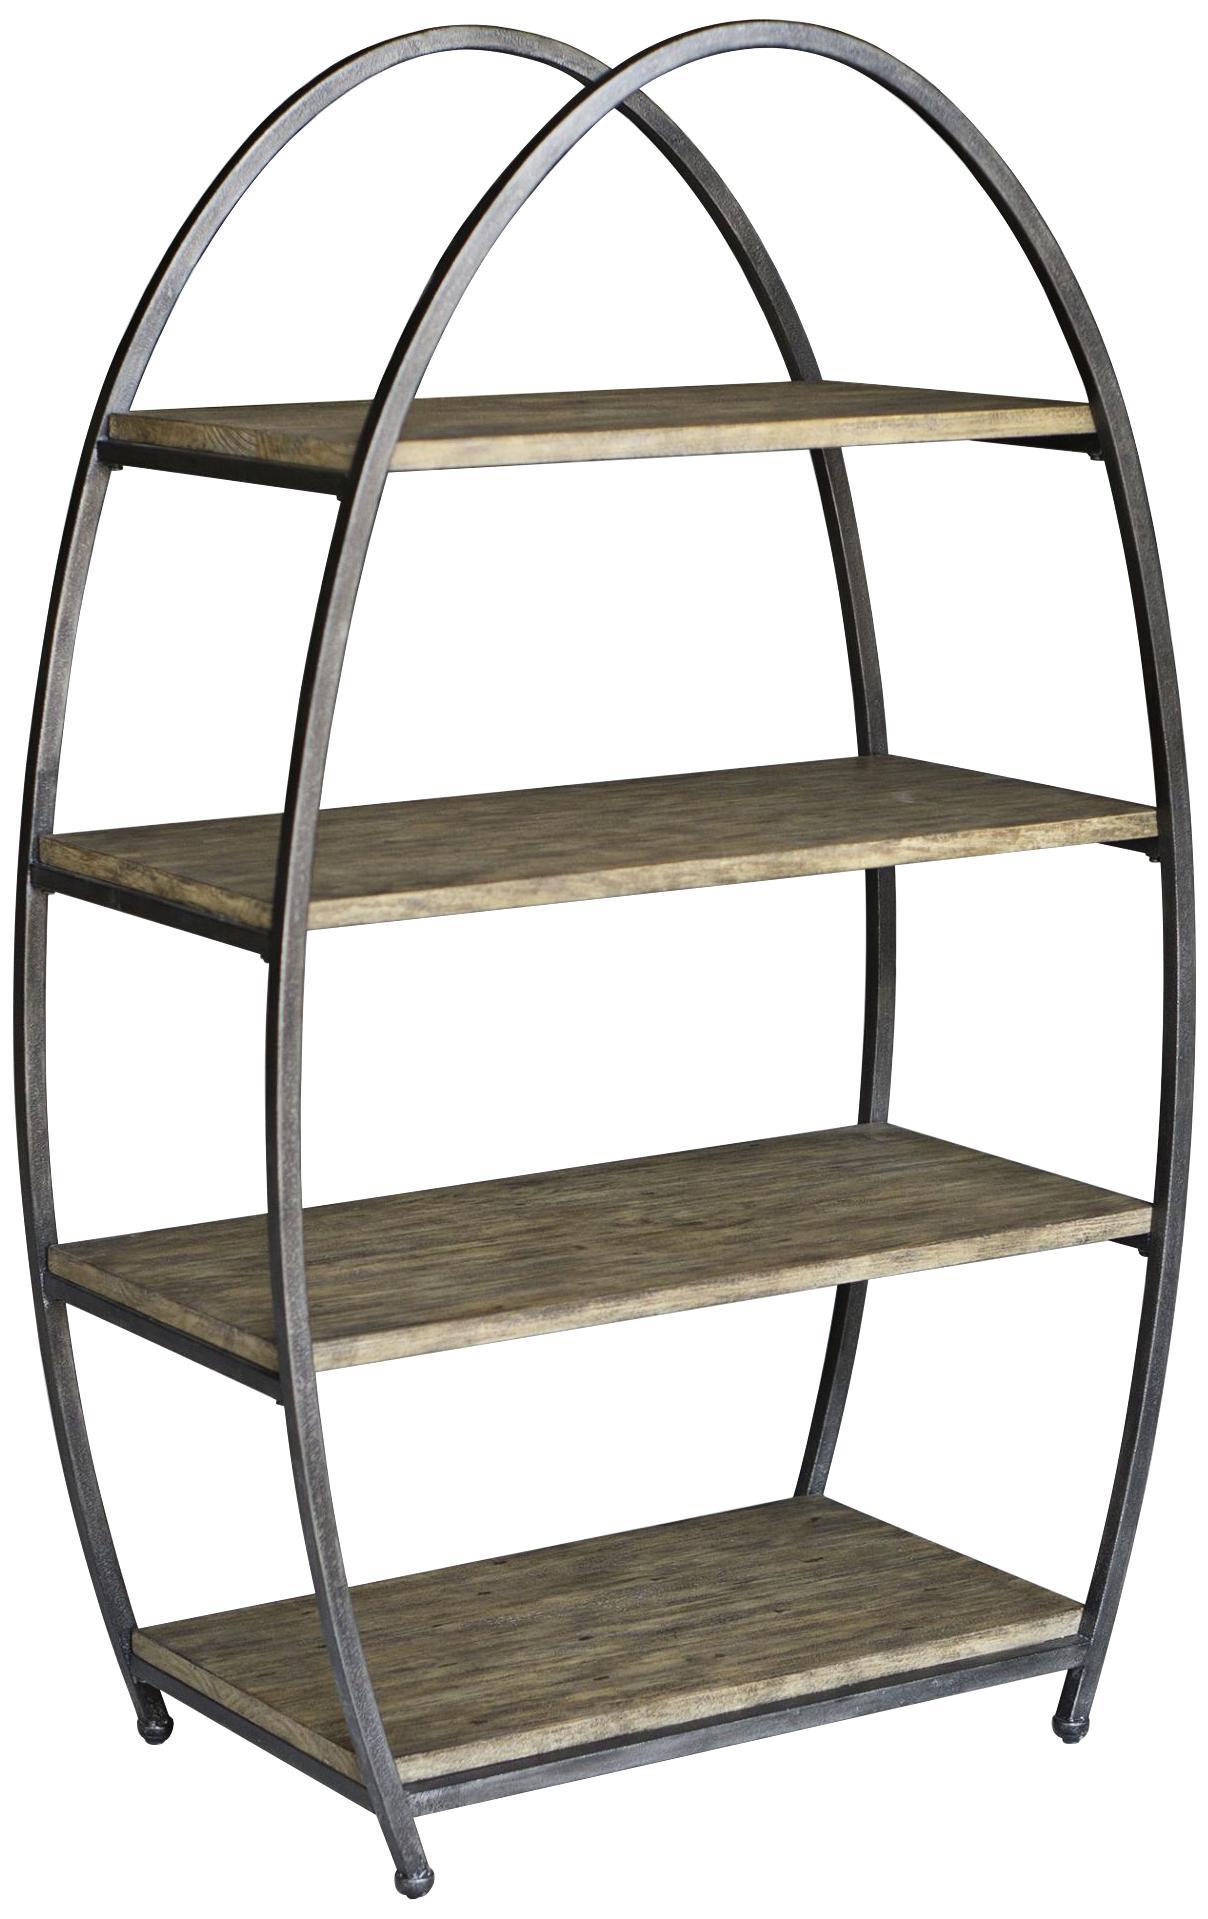 uttermost matisa textured steel egg shape 4 shelf etagere